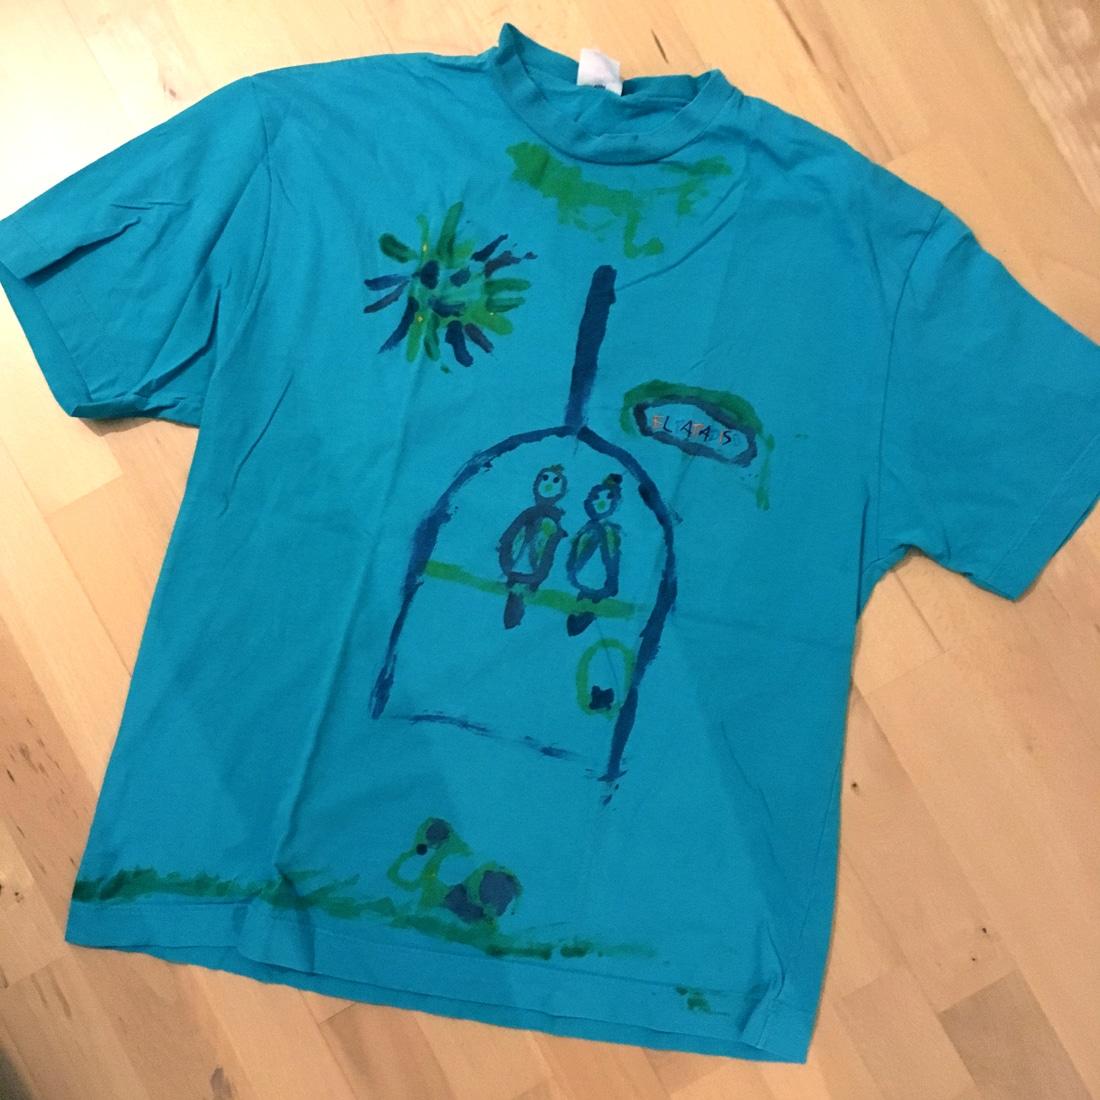 Von Kind bemaltes altes T-Shirt